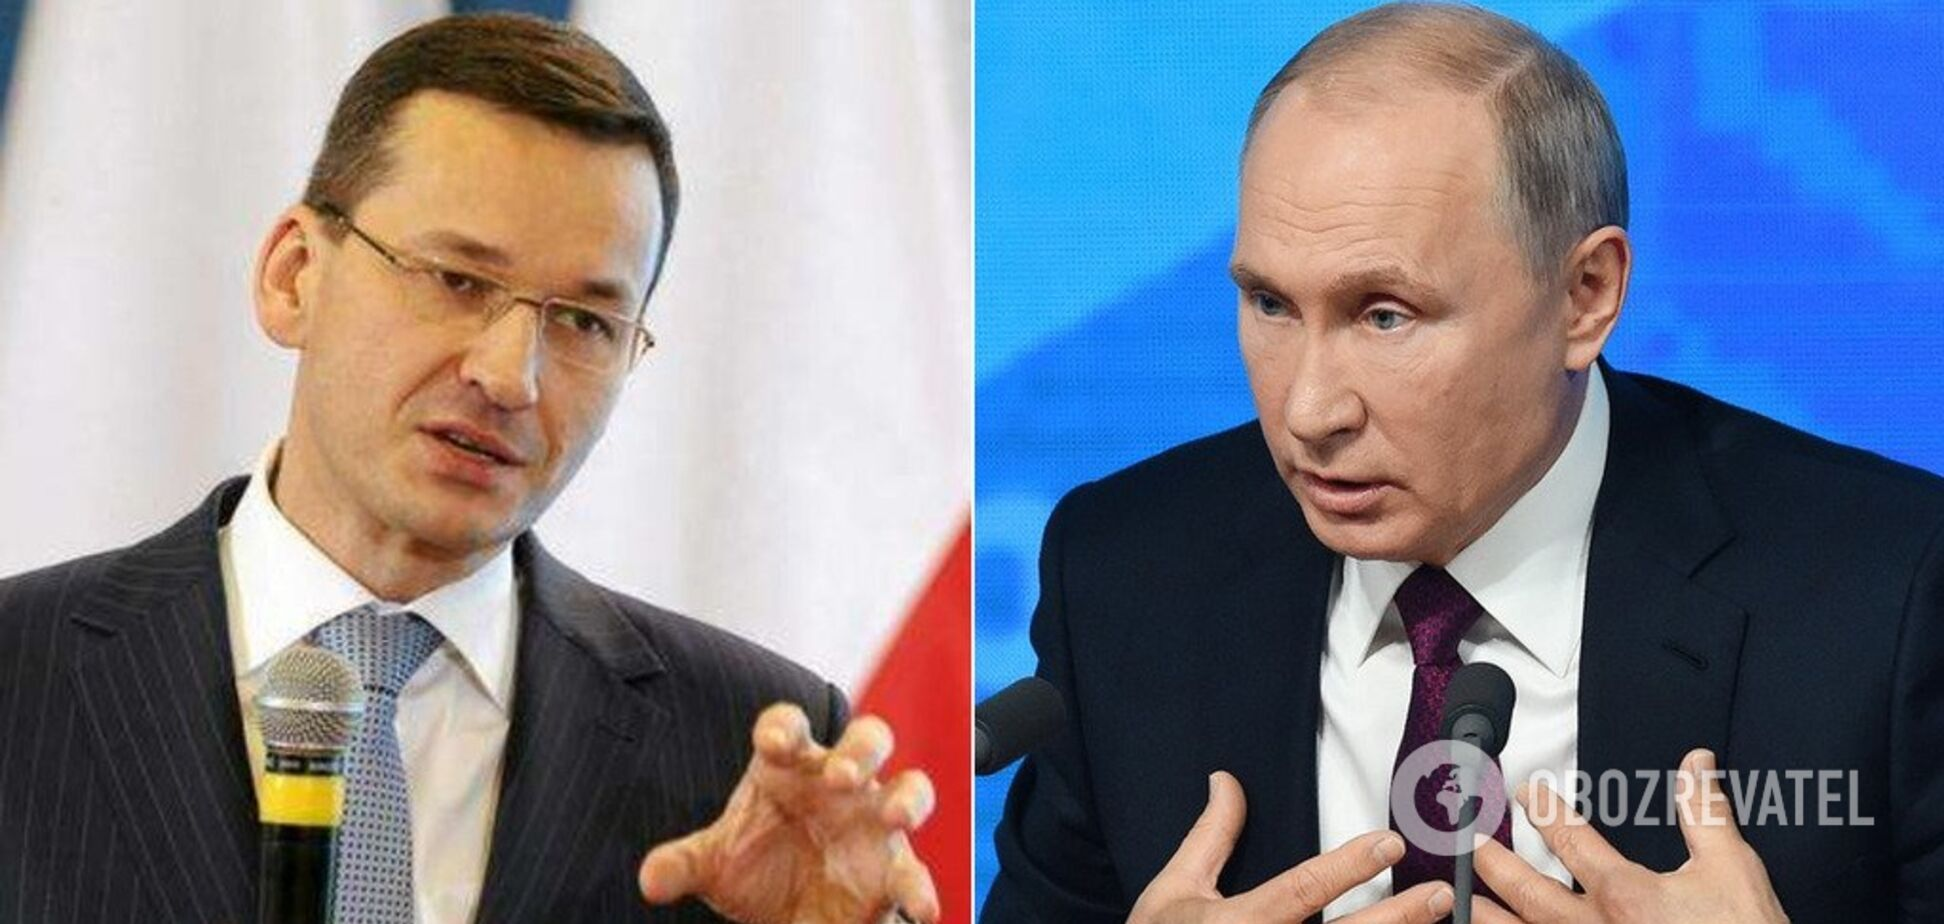 'Он неоднократно лгал!' Премьер Польши жестко ответил на 'исторические' заявления Путина